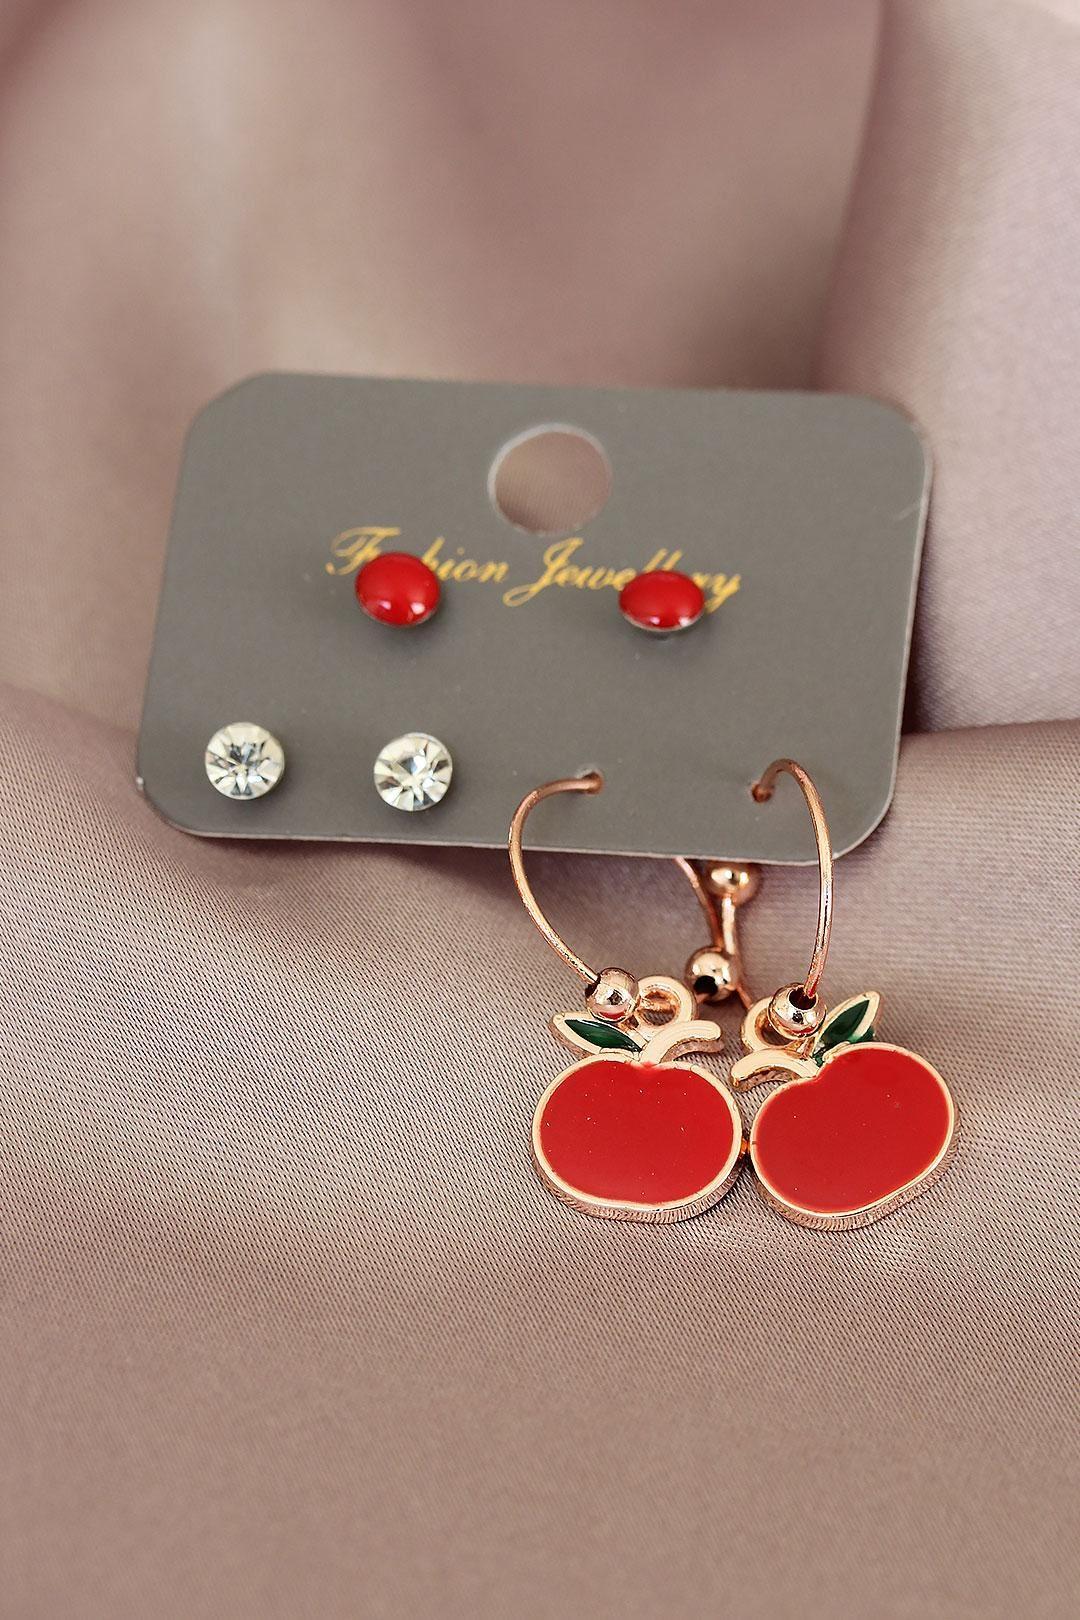 Kırmızı Elma Tasarımlı Rose Renk Taşlı Kadın Küpe Seti